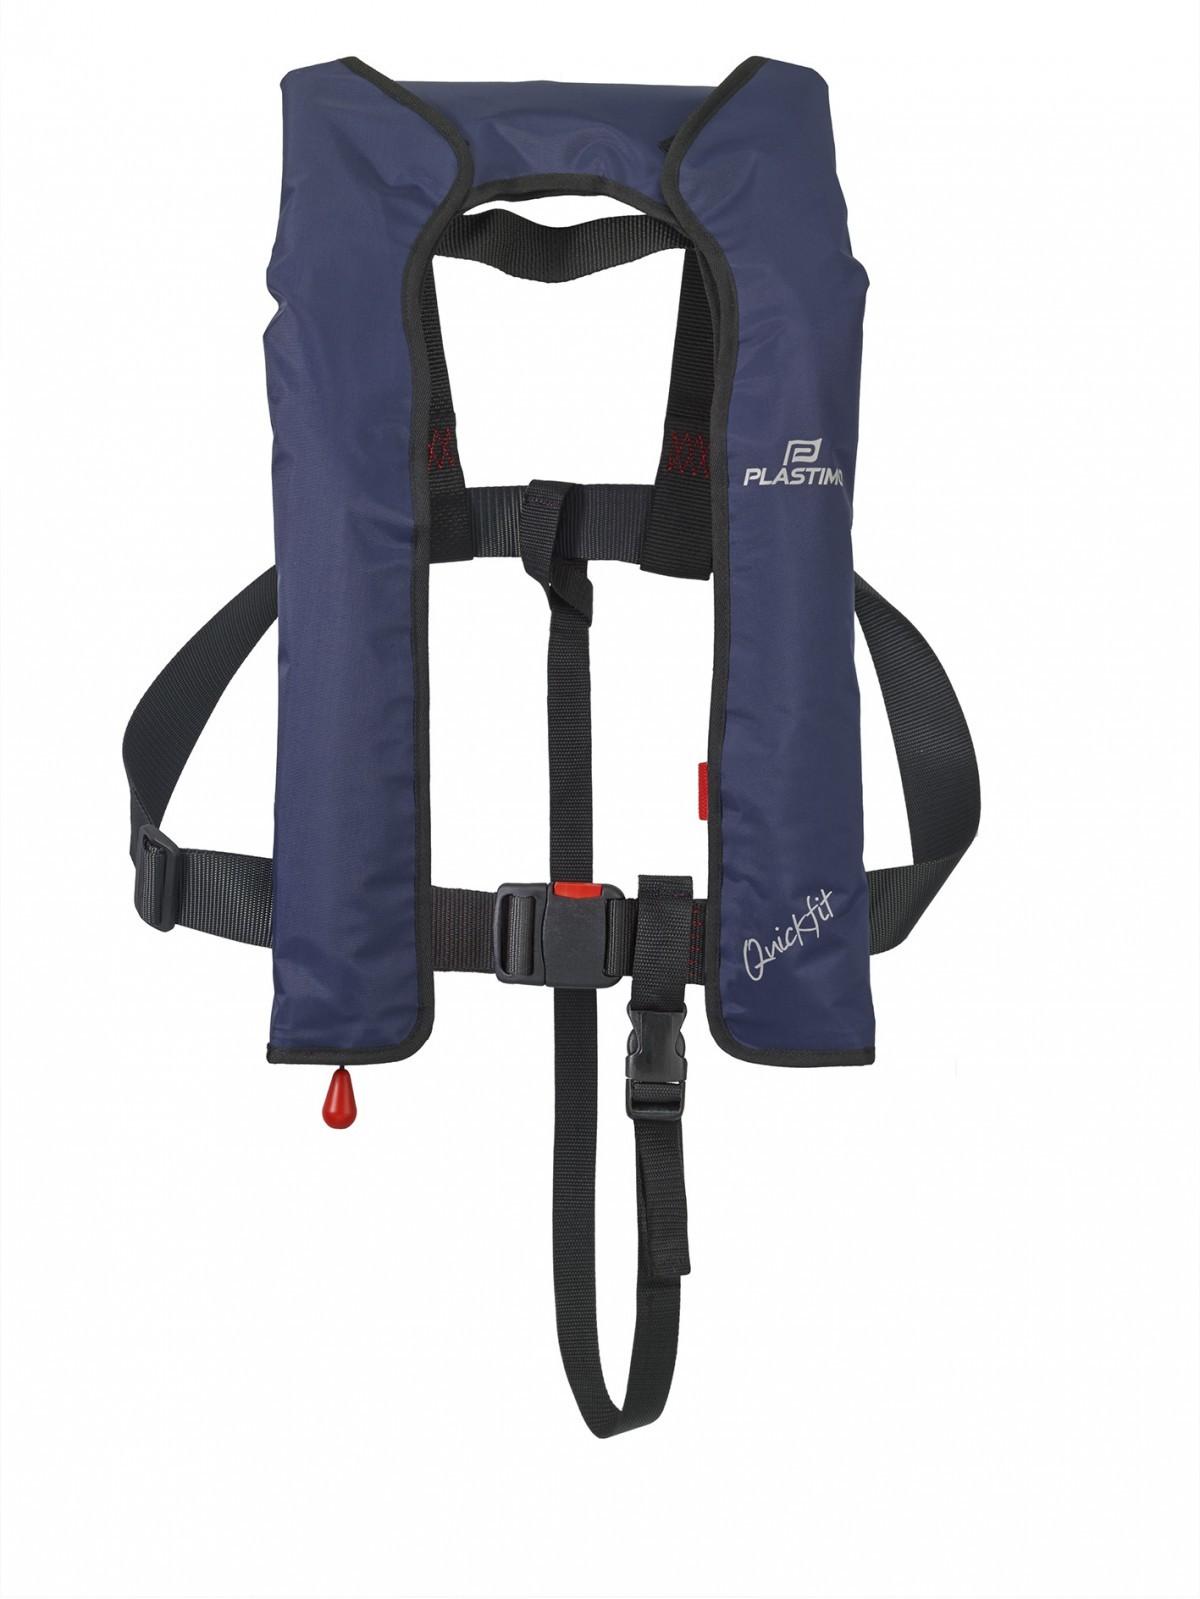 Quickfit inflatable lifejacket